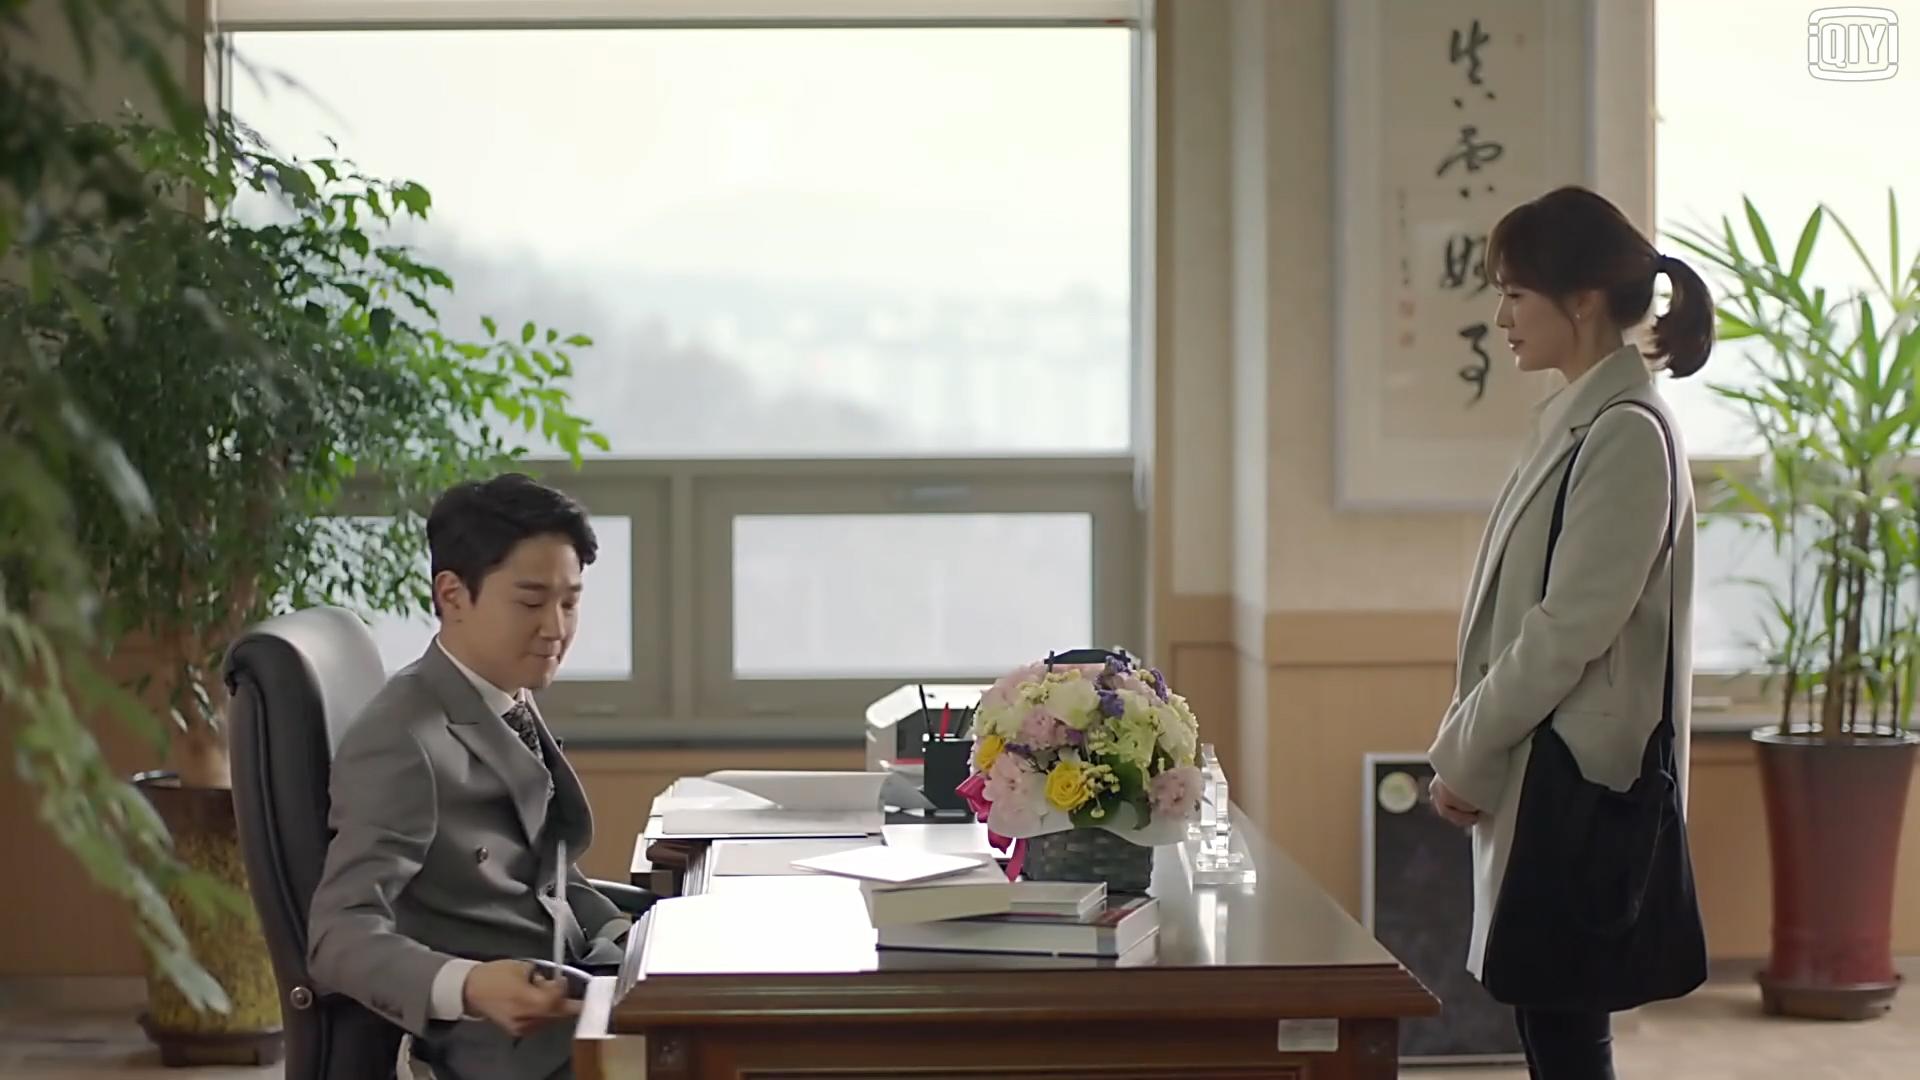 韩剧《太阳的后裔》中悬挂的中国书法字画